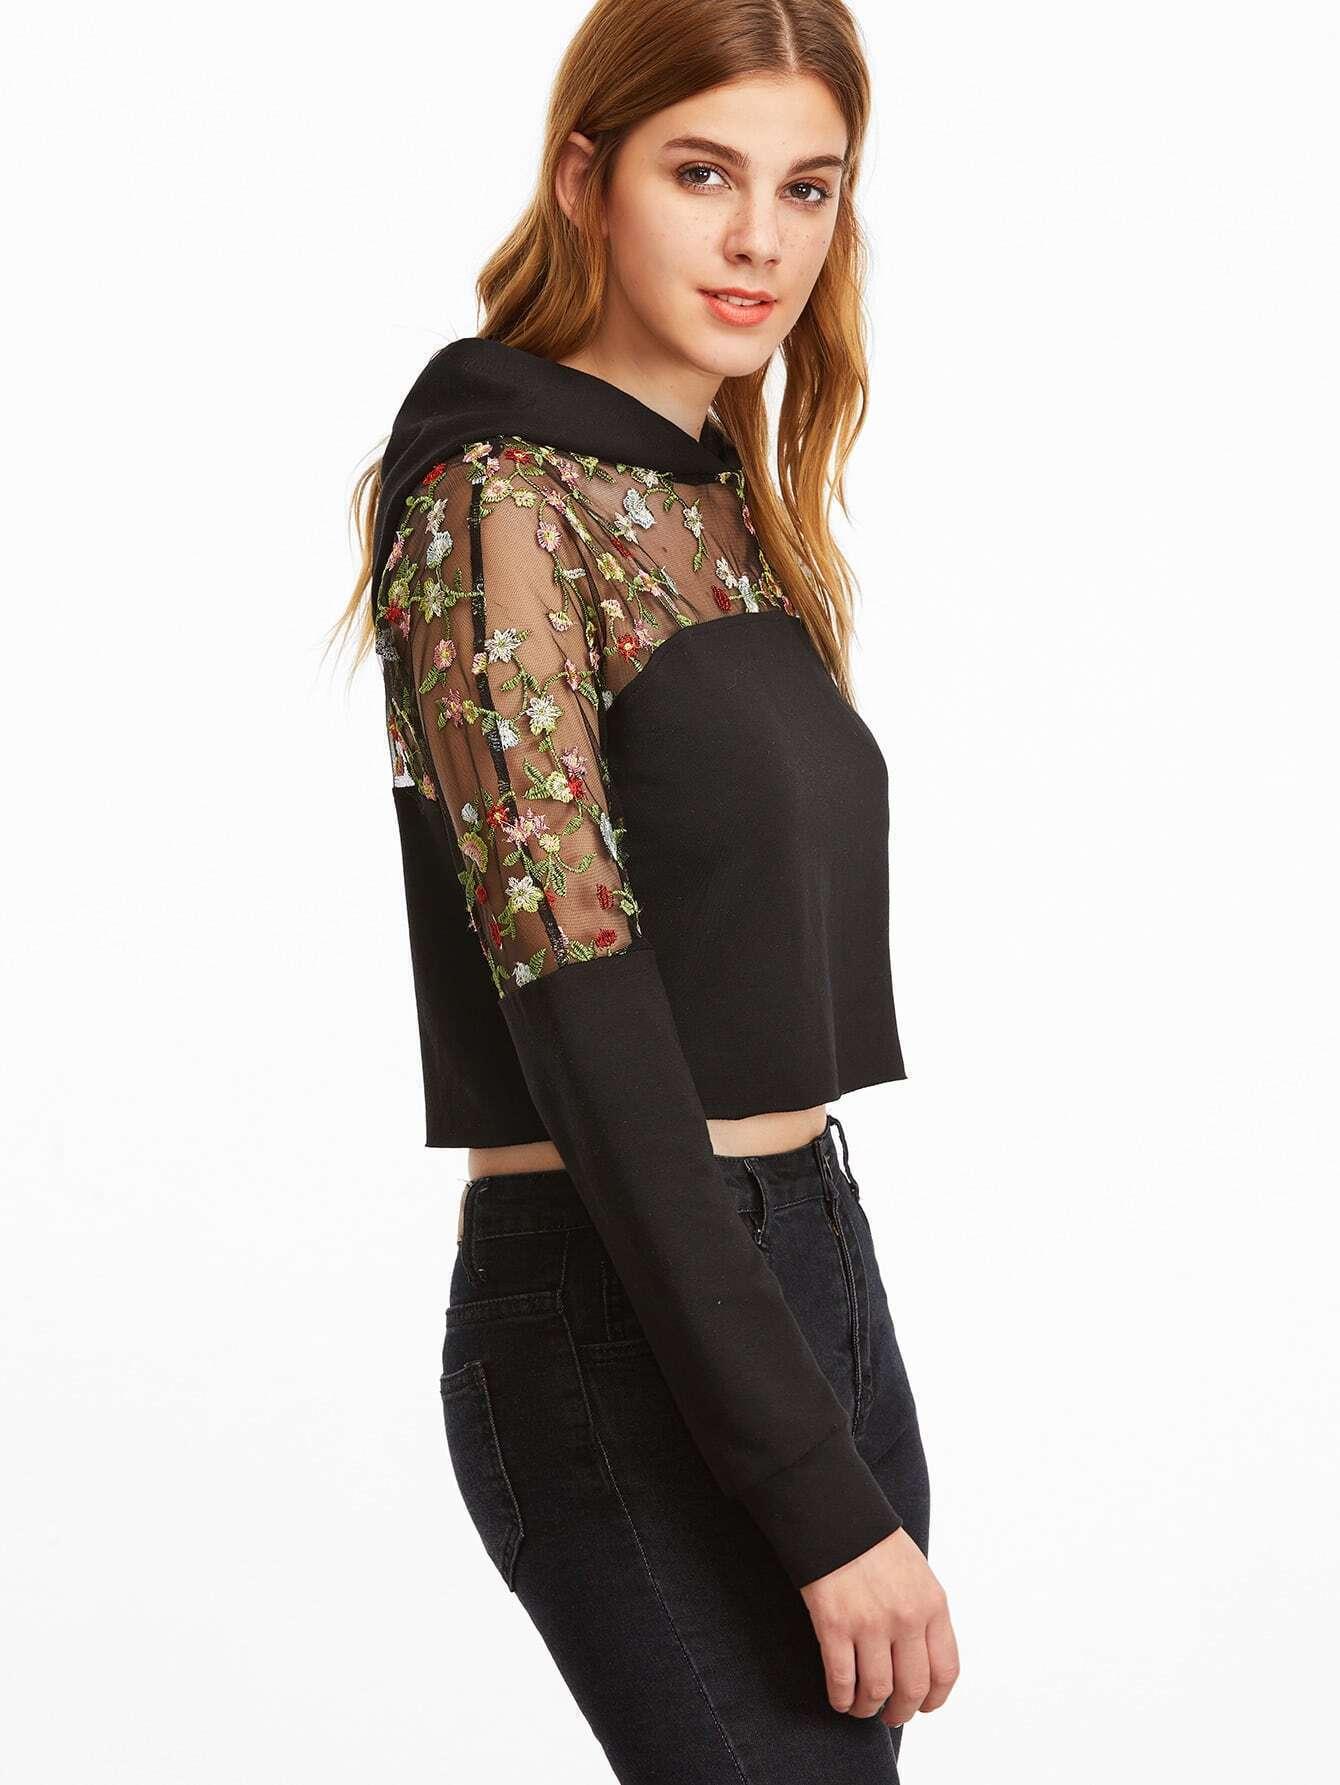 sweatshirt161207705_2